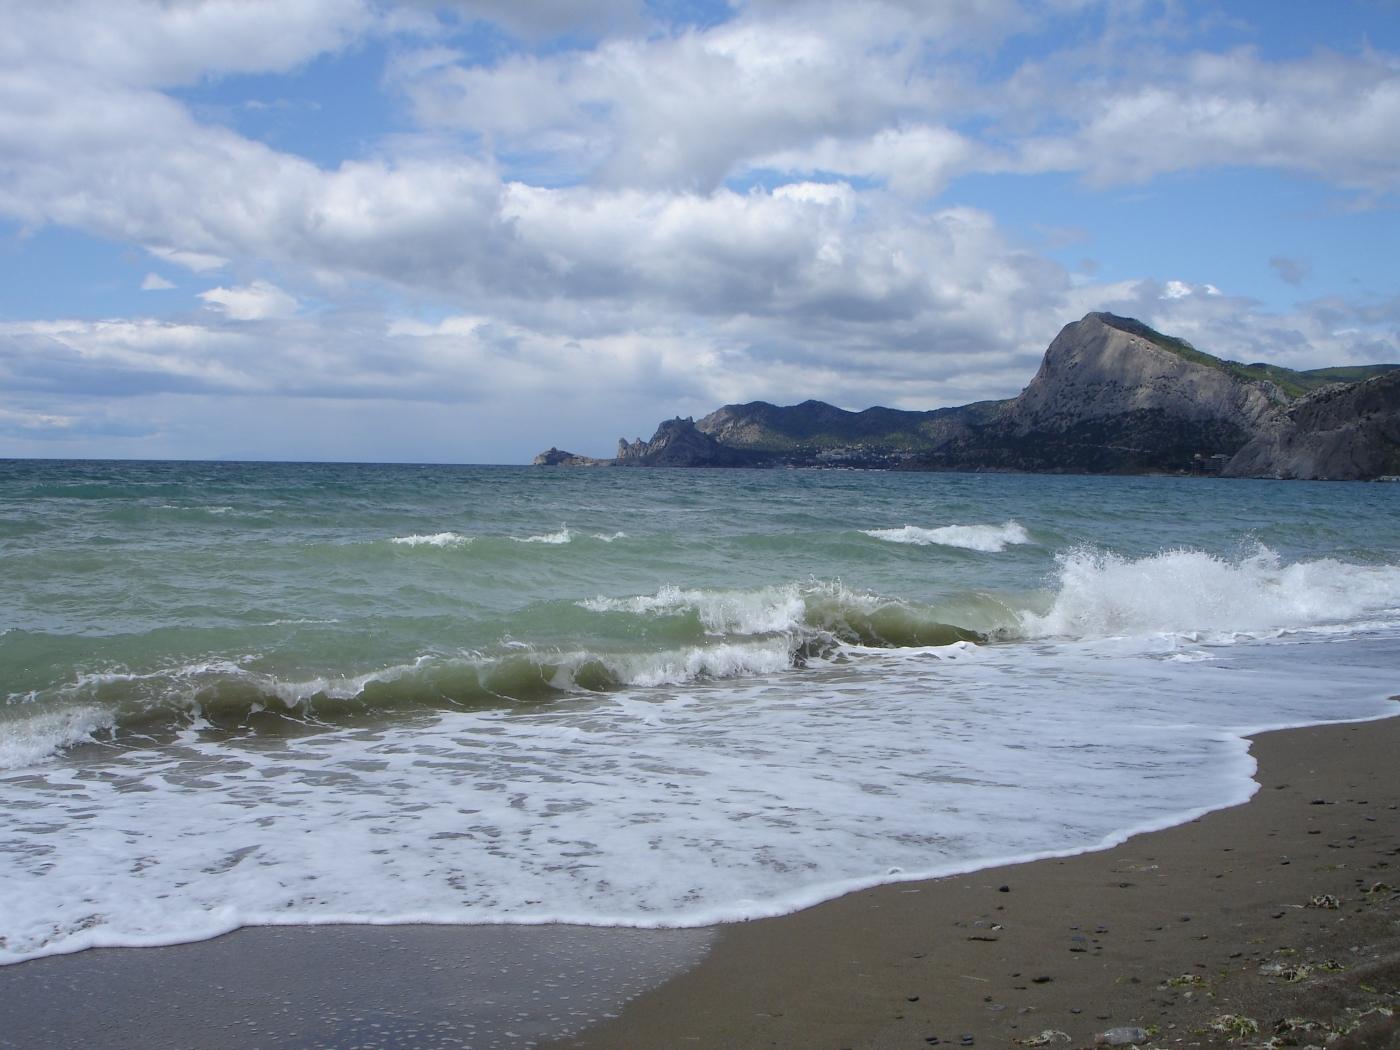 23690 скачать обои Пейзаж, Горы, Море, Волны, Пляж - заставки и картинки бесплатно